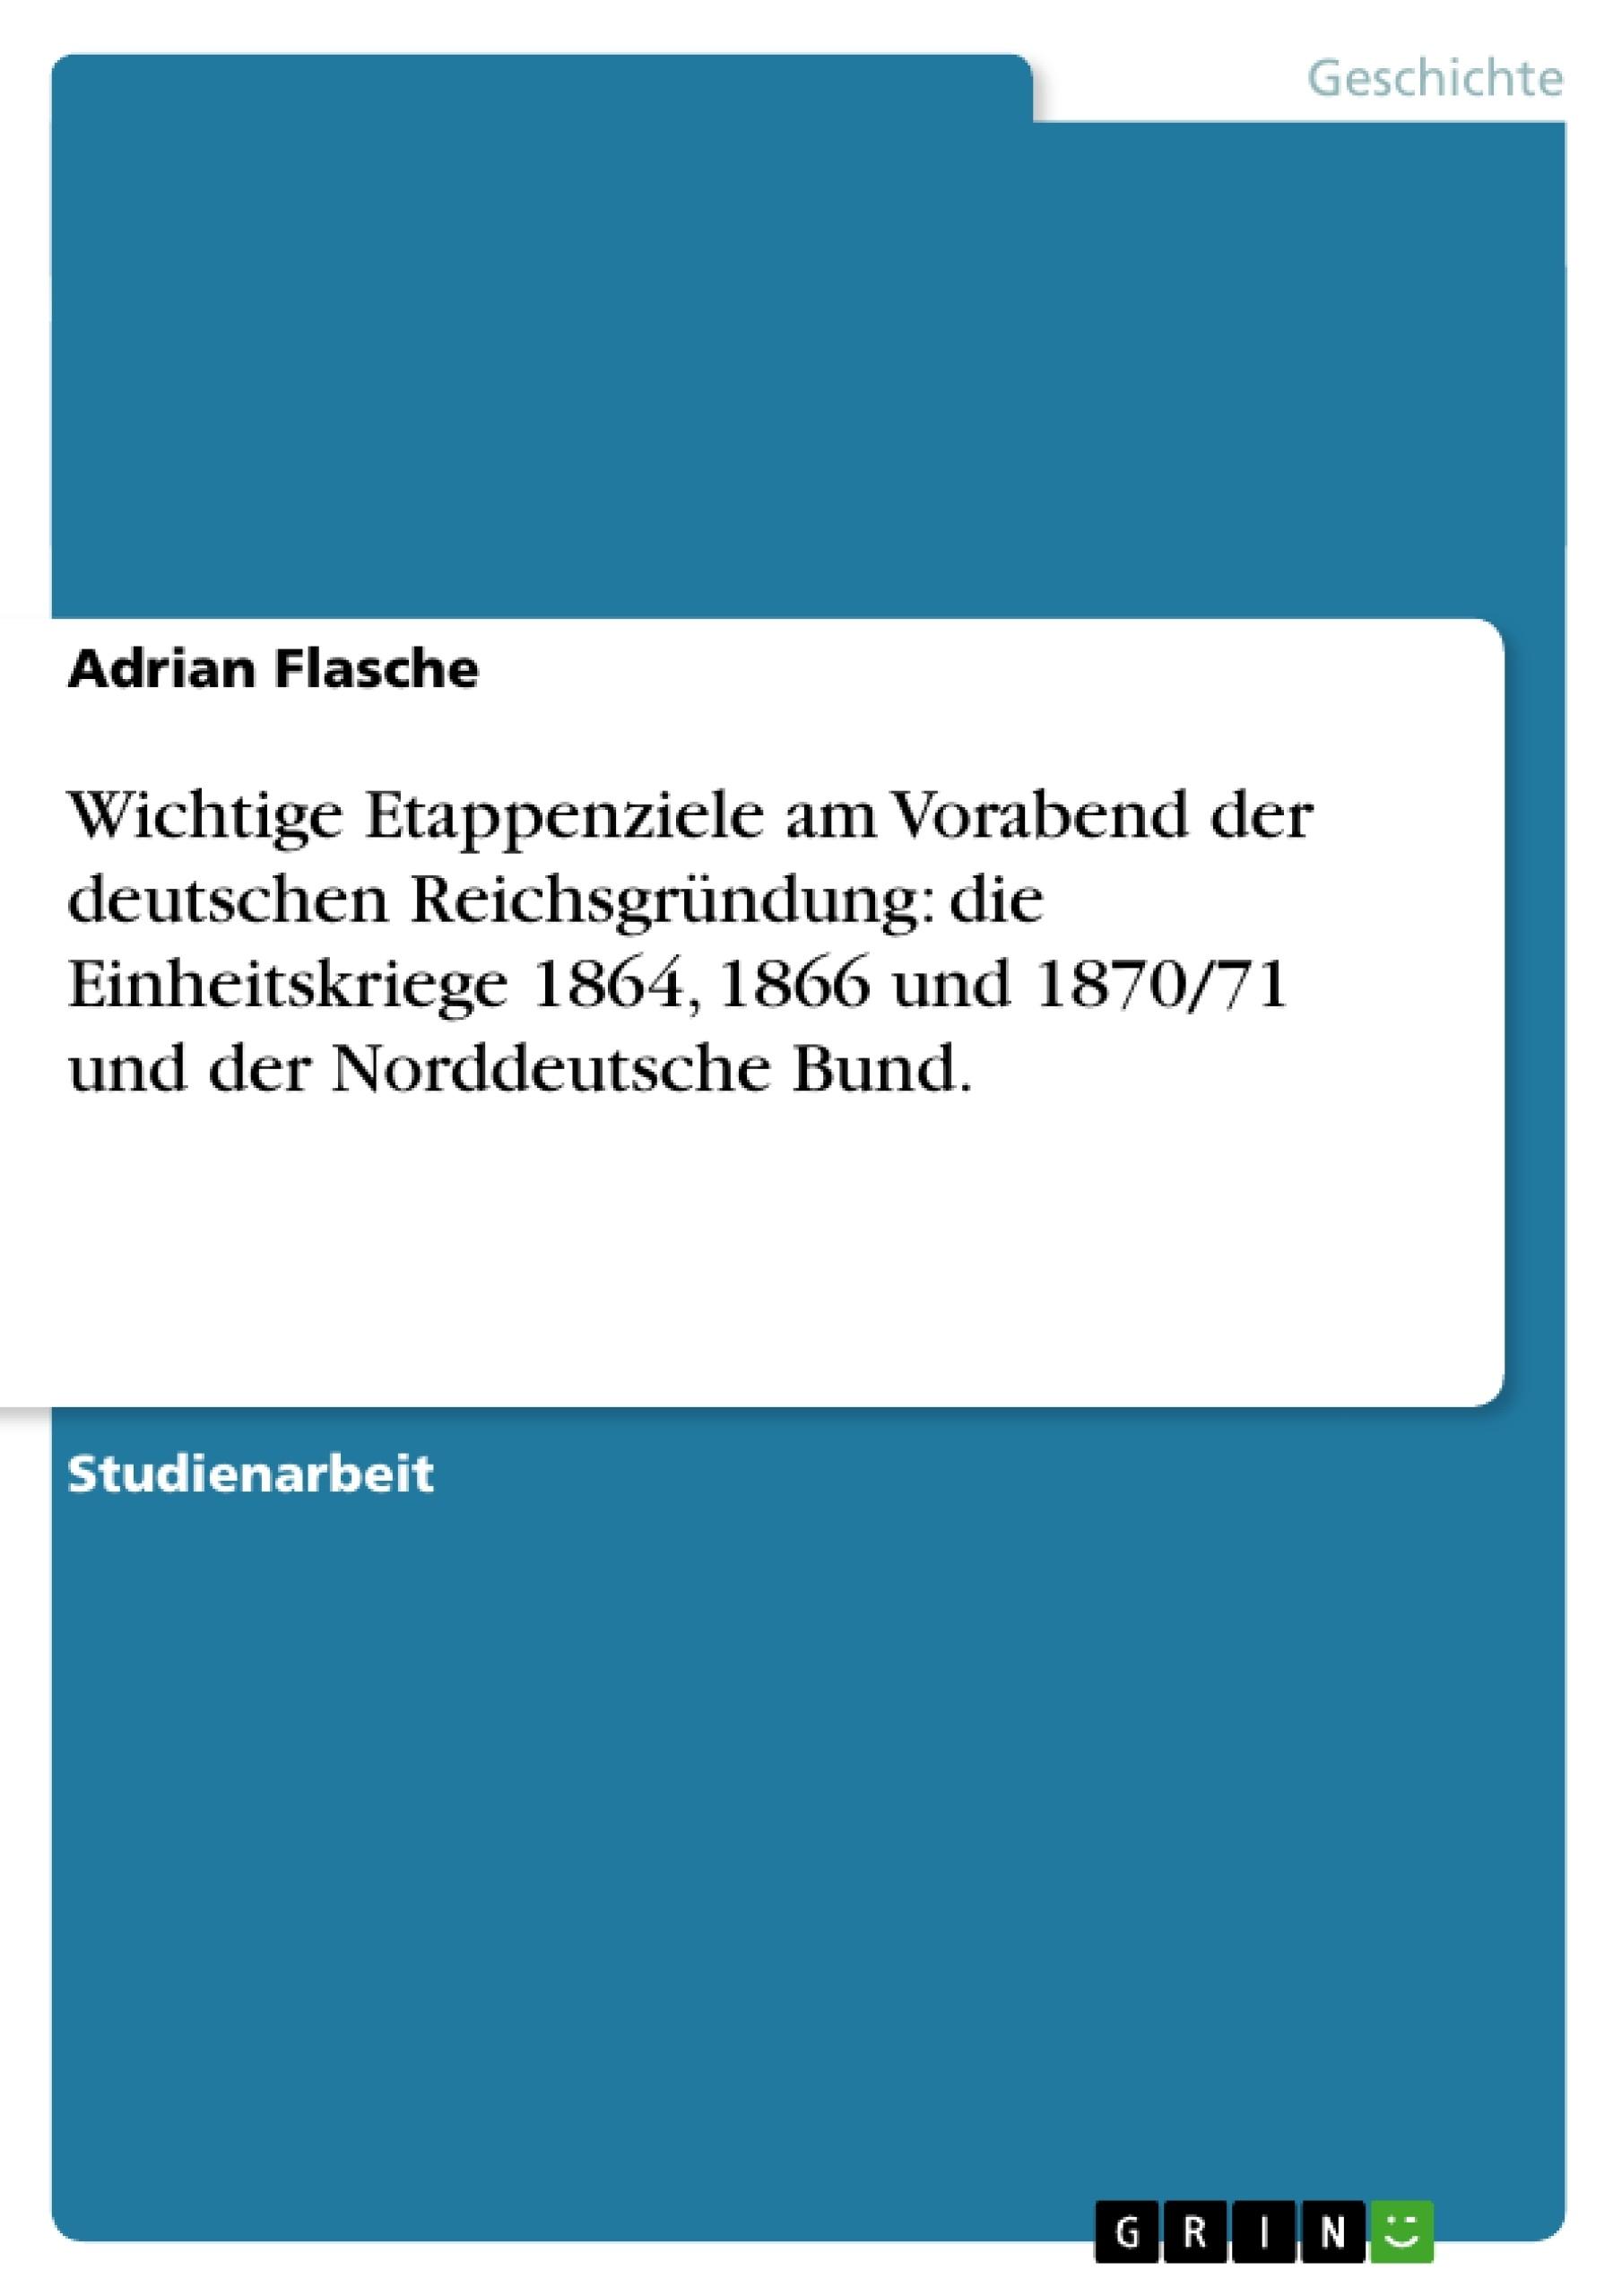 Titel: Wichtige Etappenziele am Vorabend der deutschen Reichsgründung: die Einheitskriege 1864, 1866 und 1870/71 und der Norddeutsche Bund.